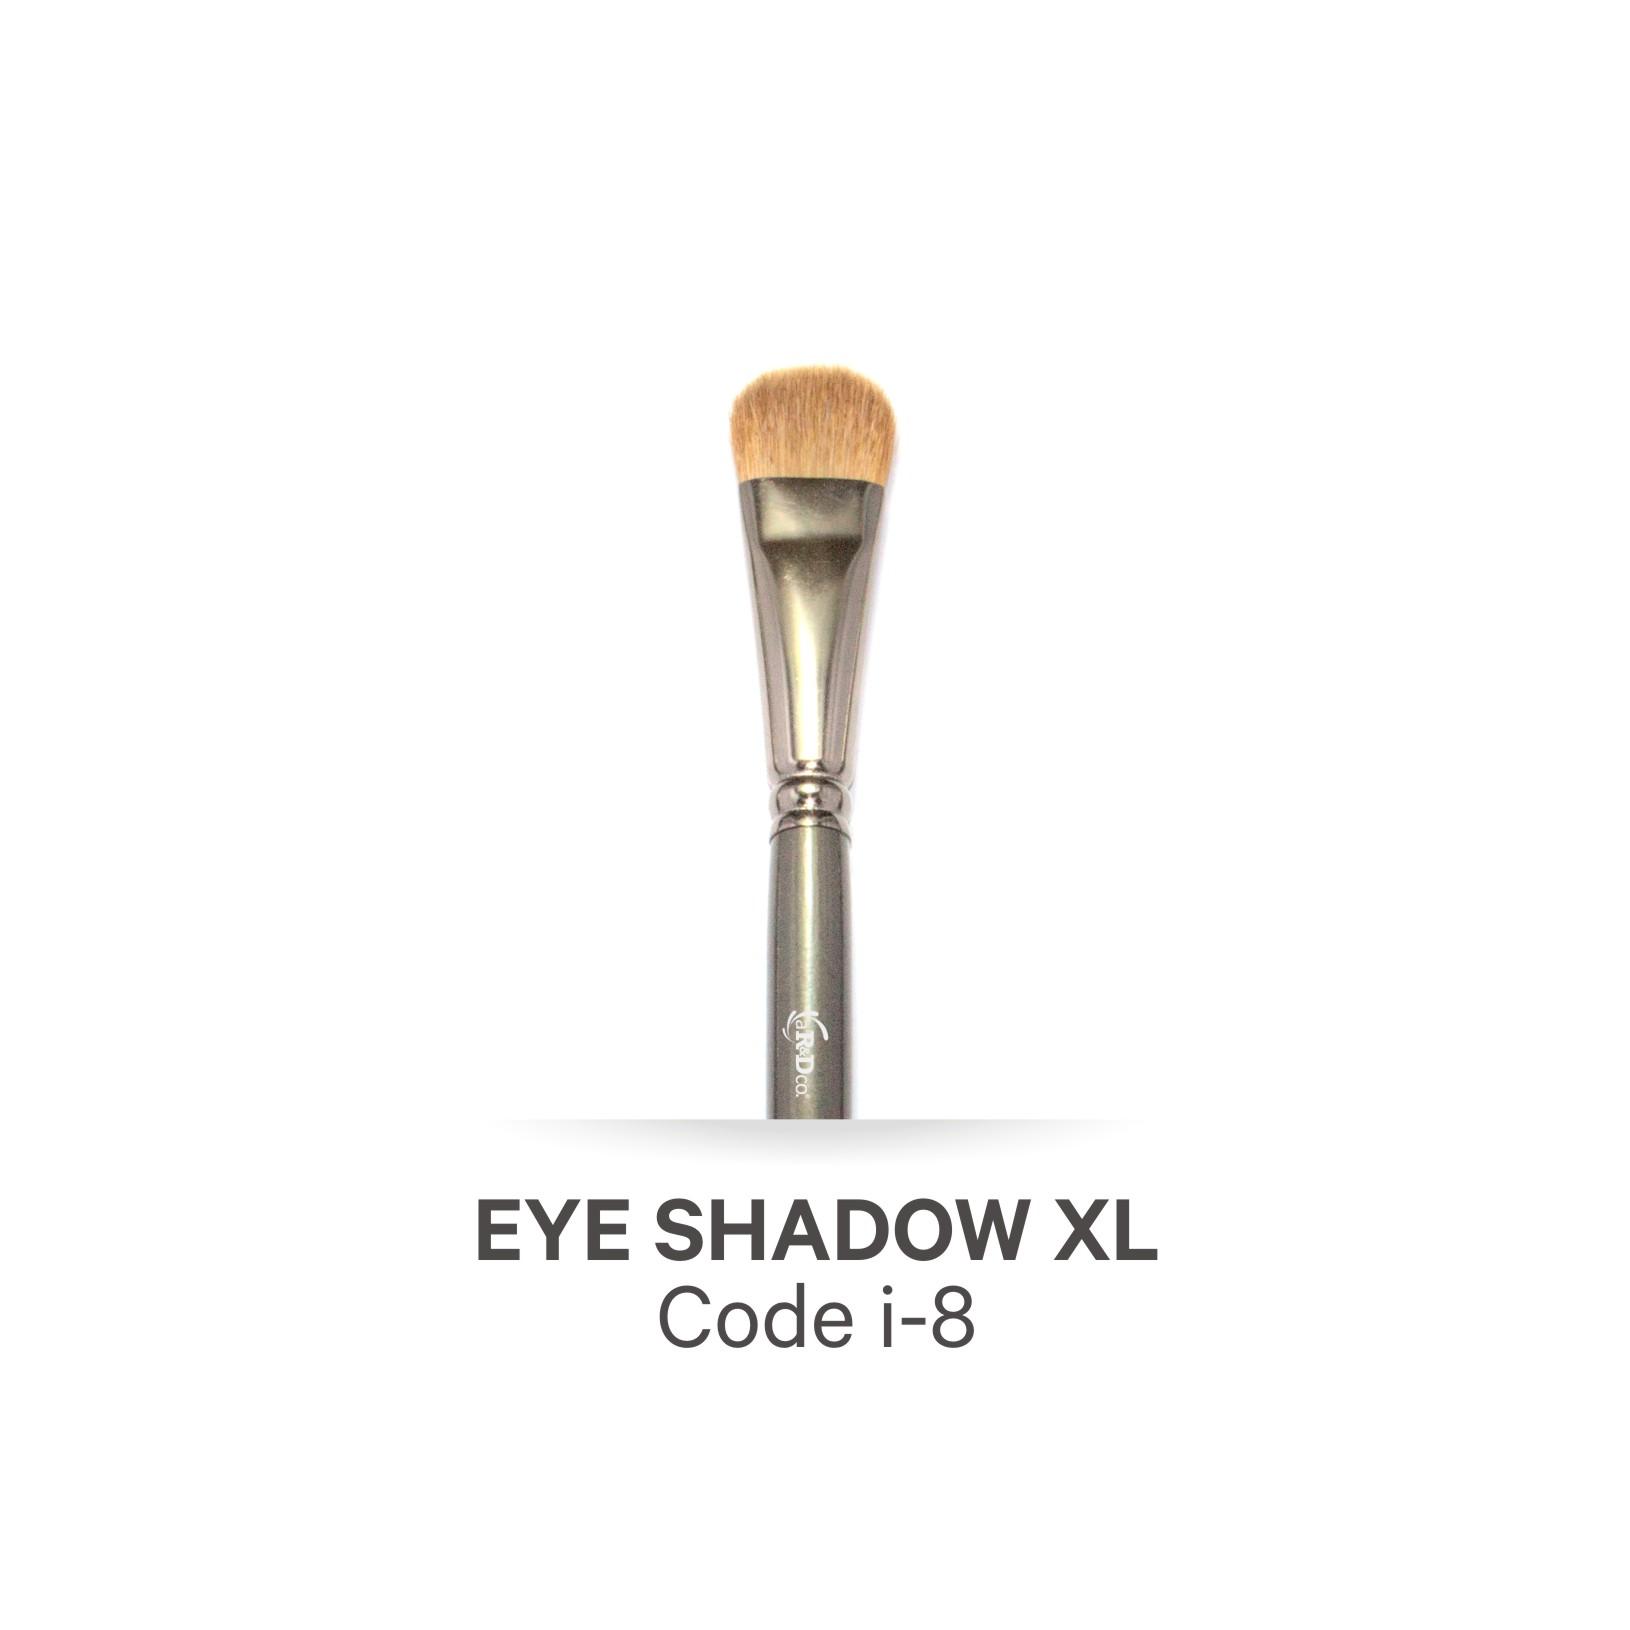 EYE SHADOW XL